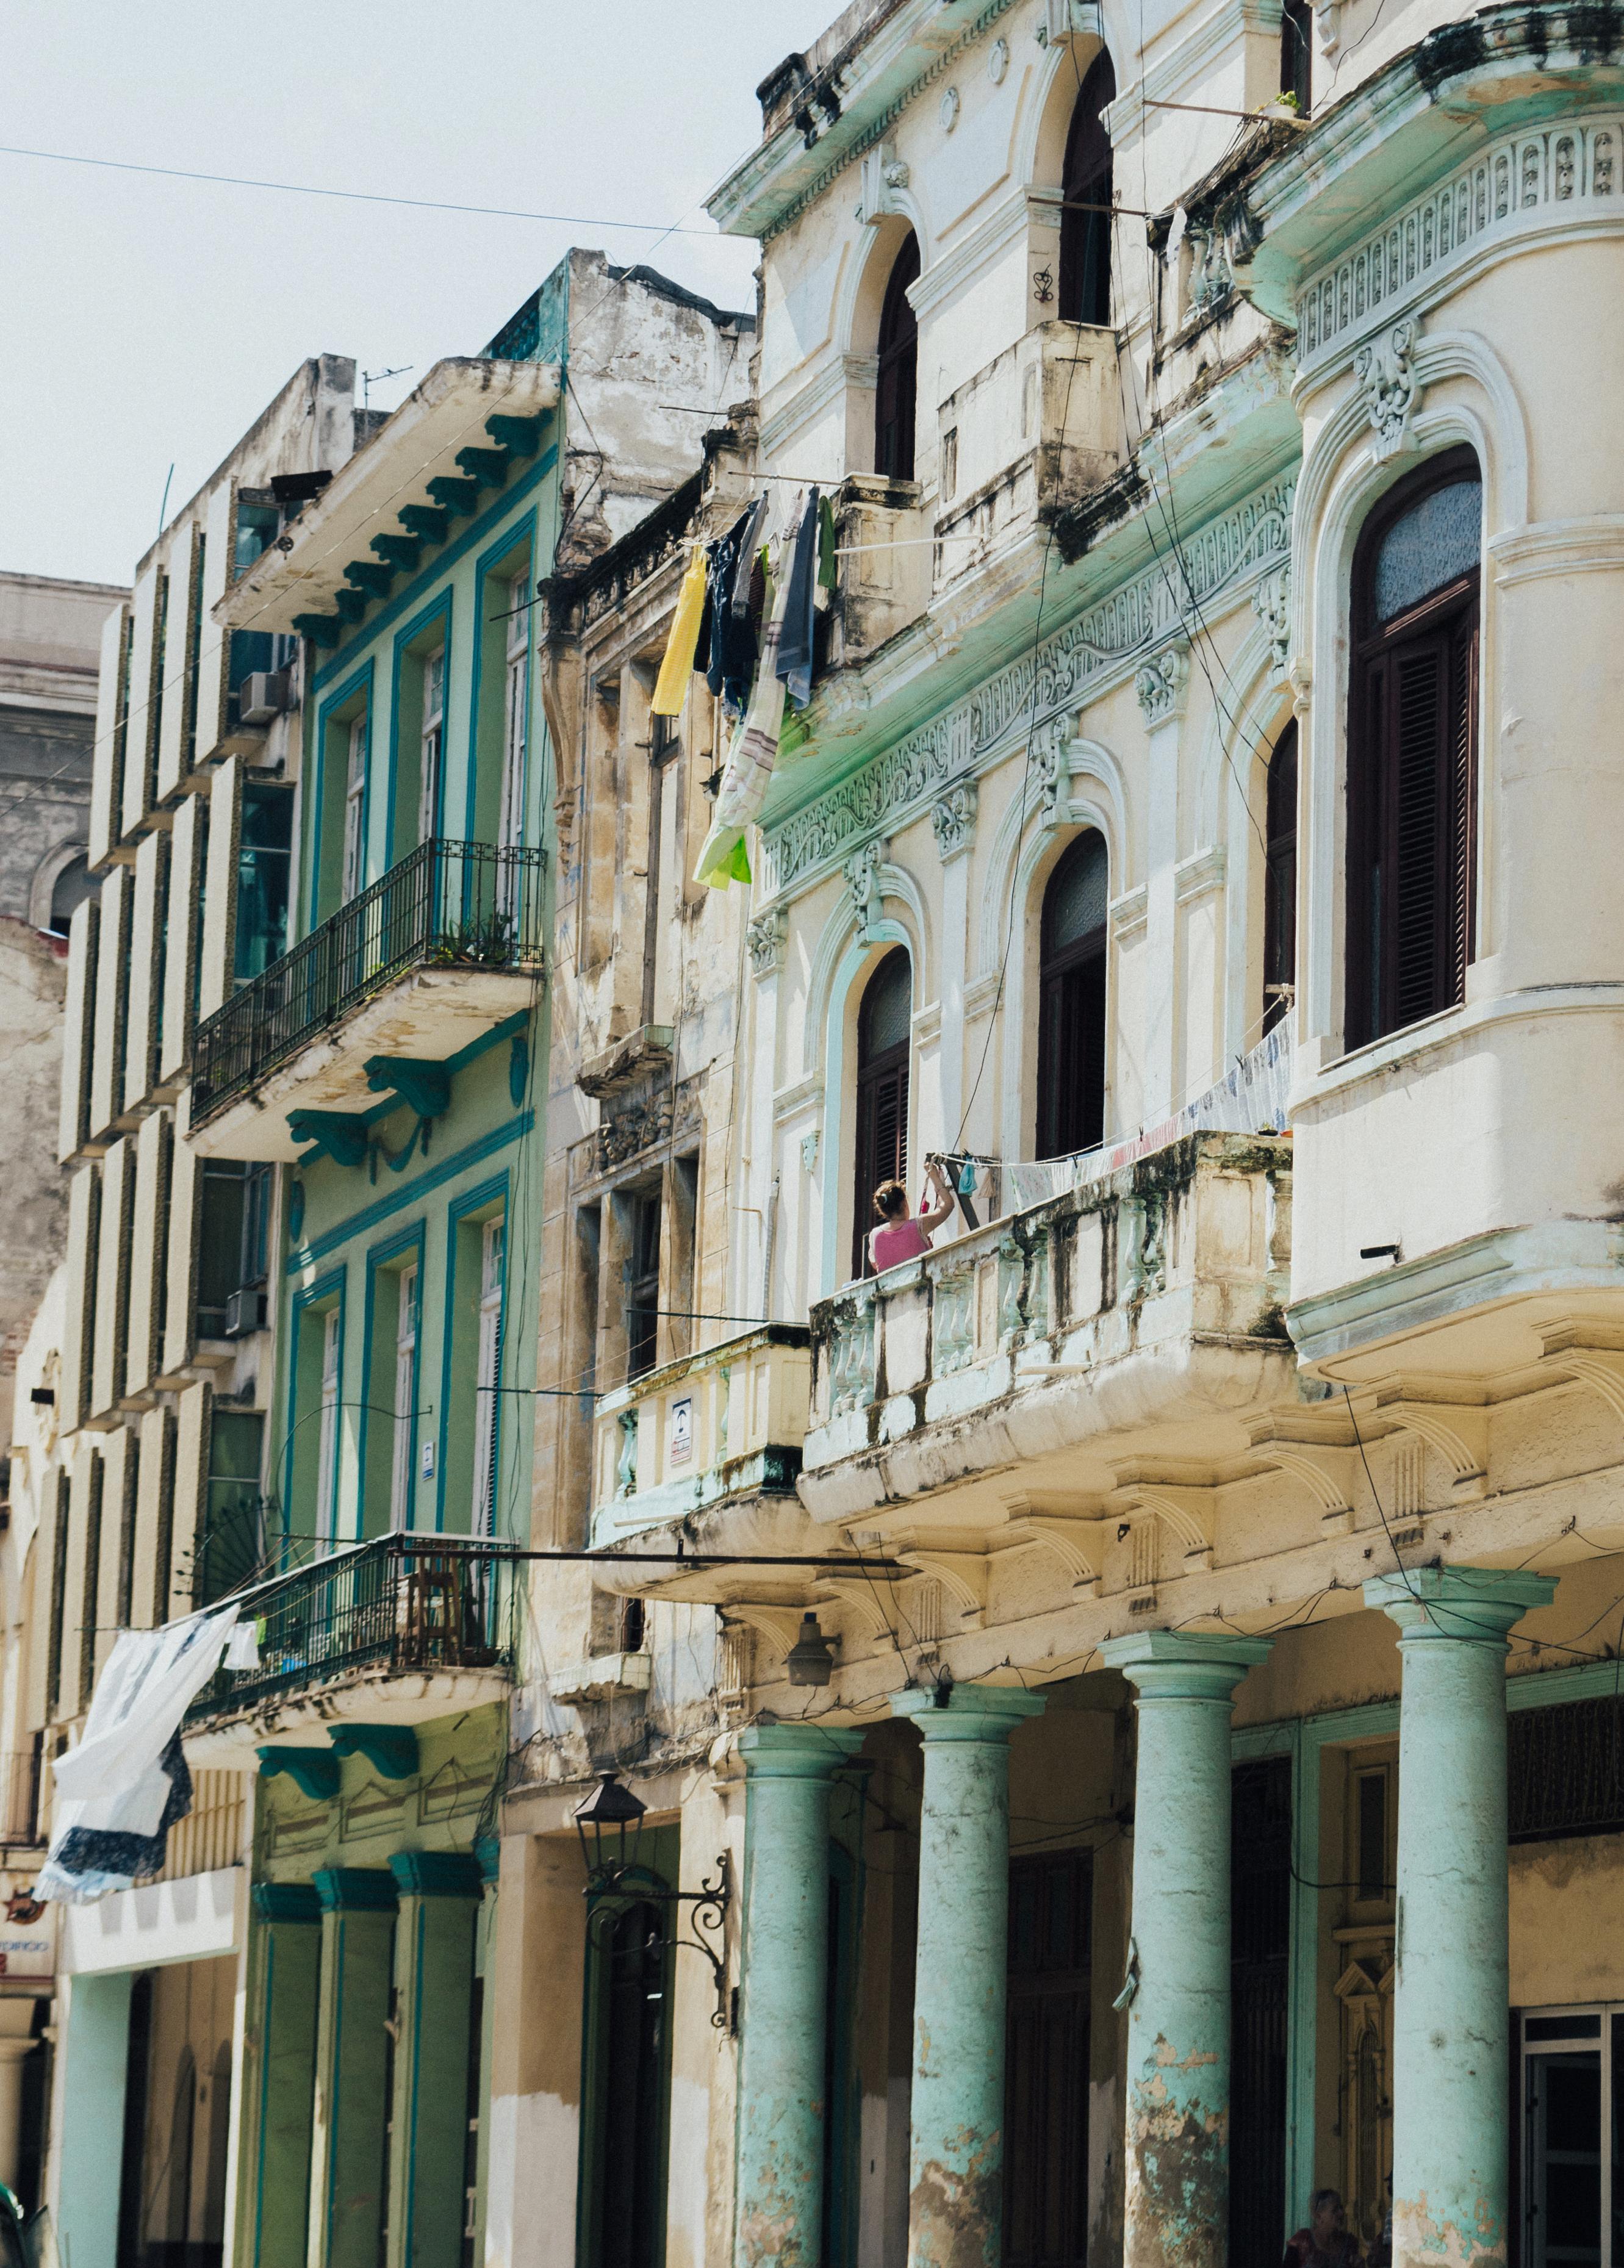 la habana-vieja-streetstyle-photography